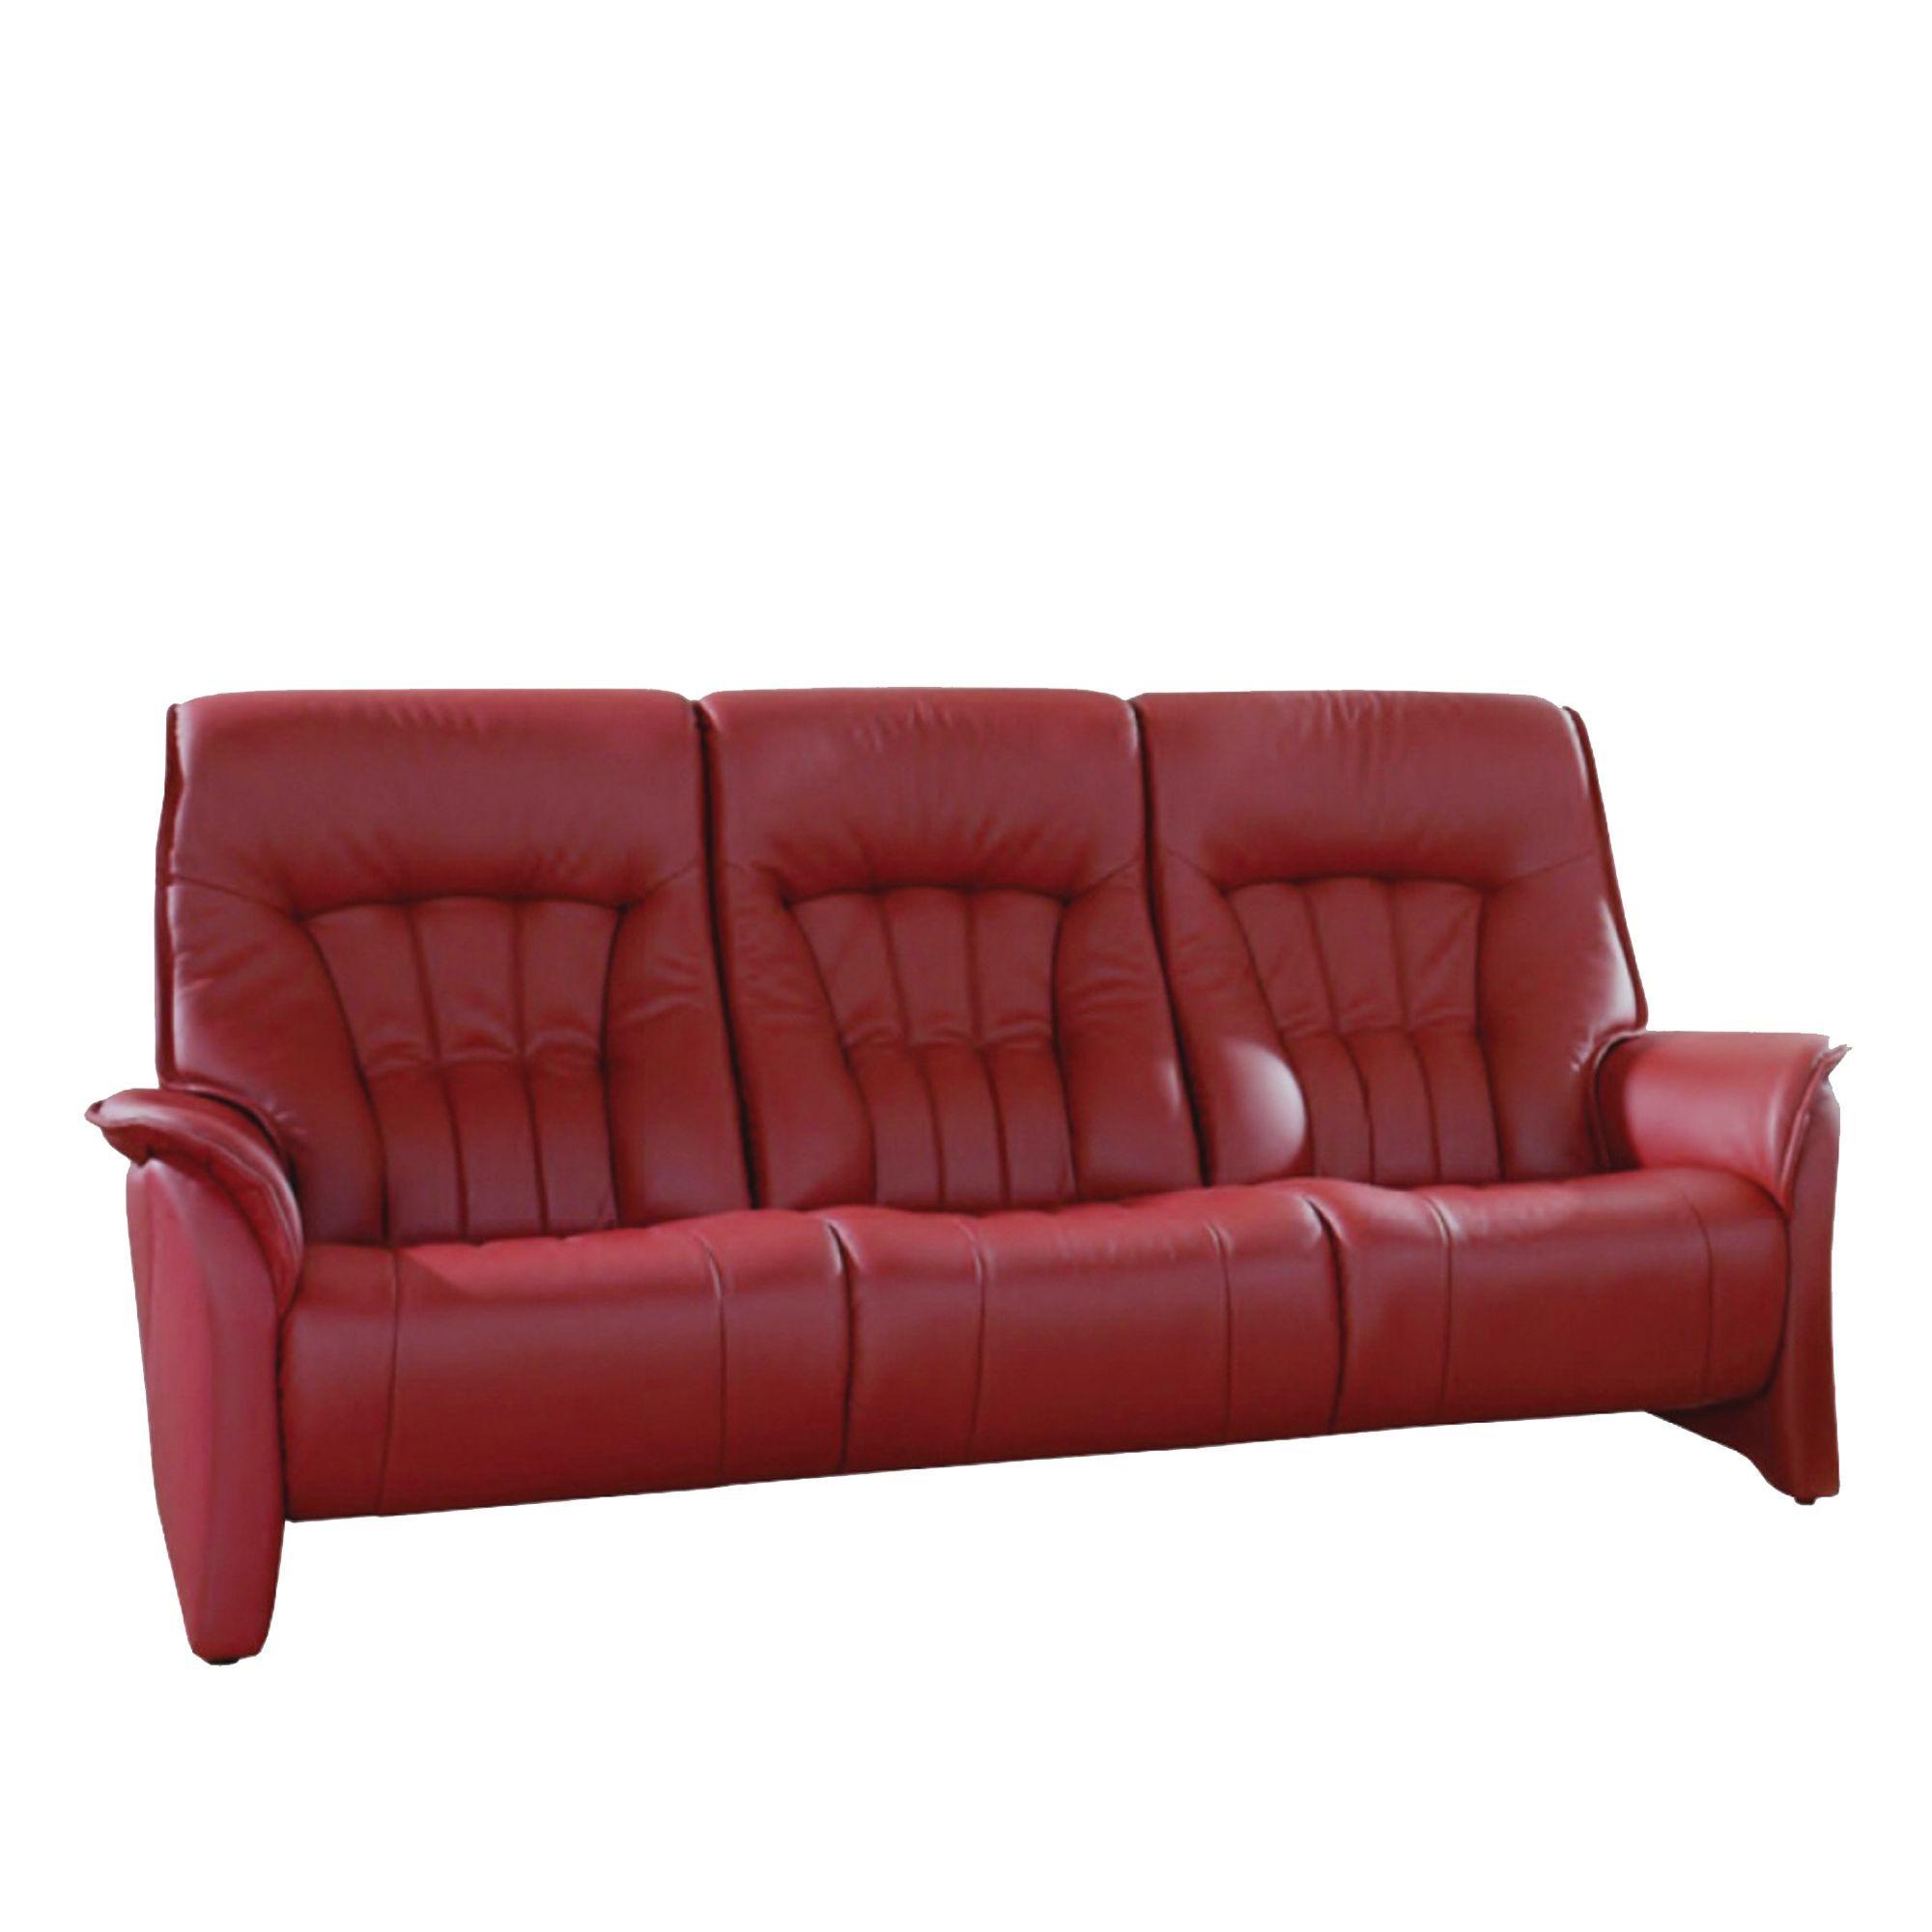 himolla rhine 3 seater sofa U73XH9CK